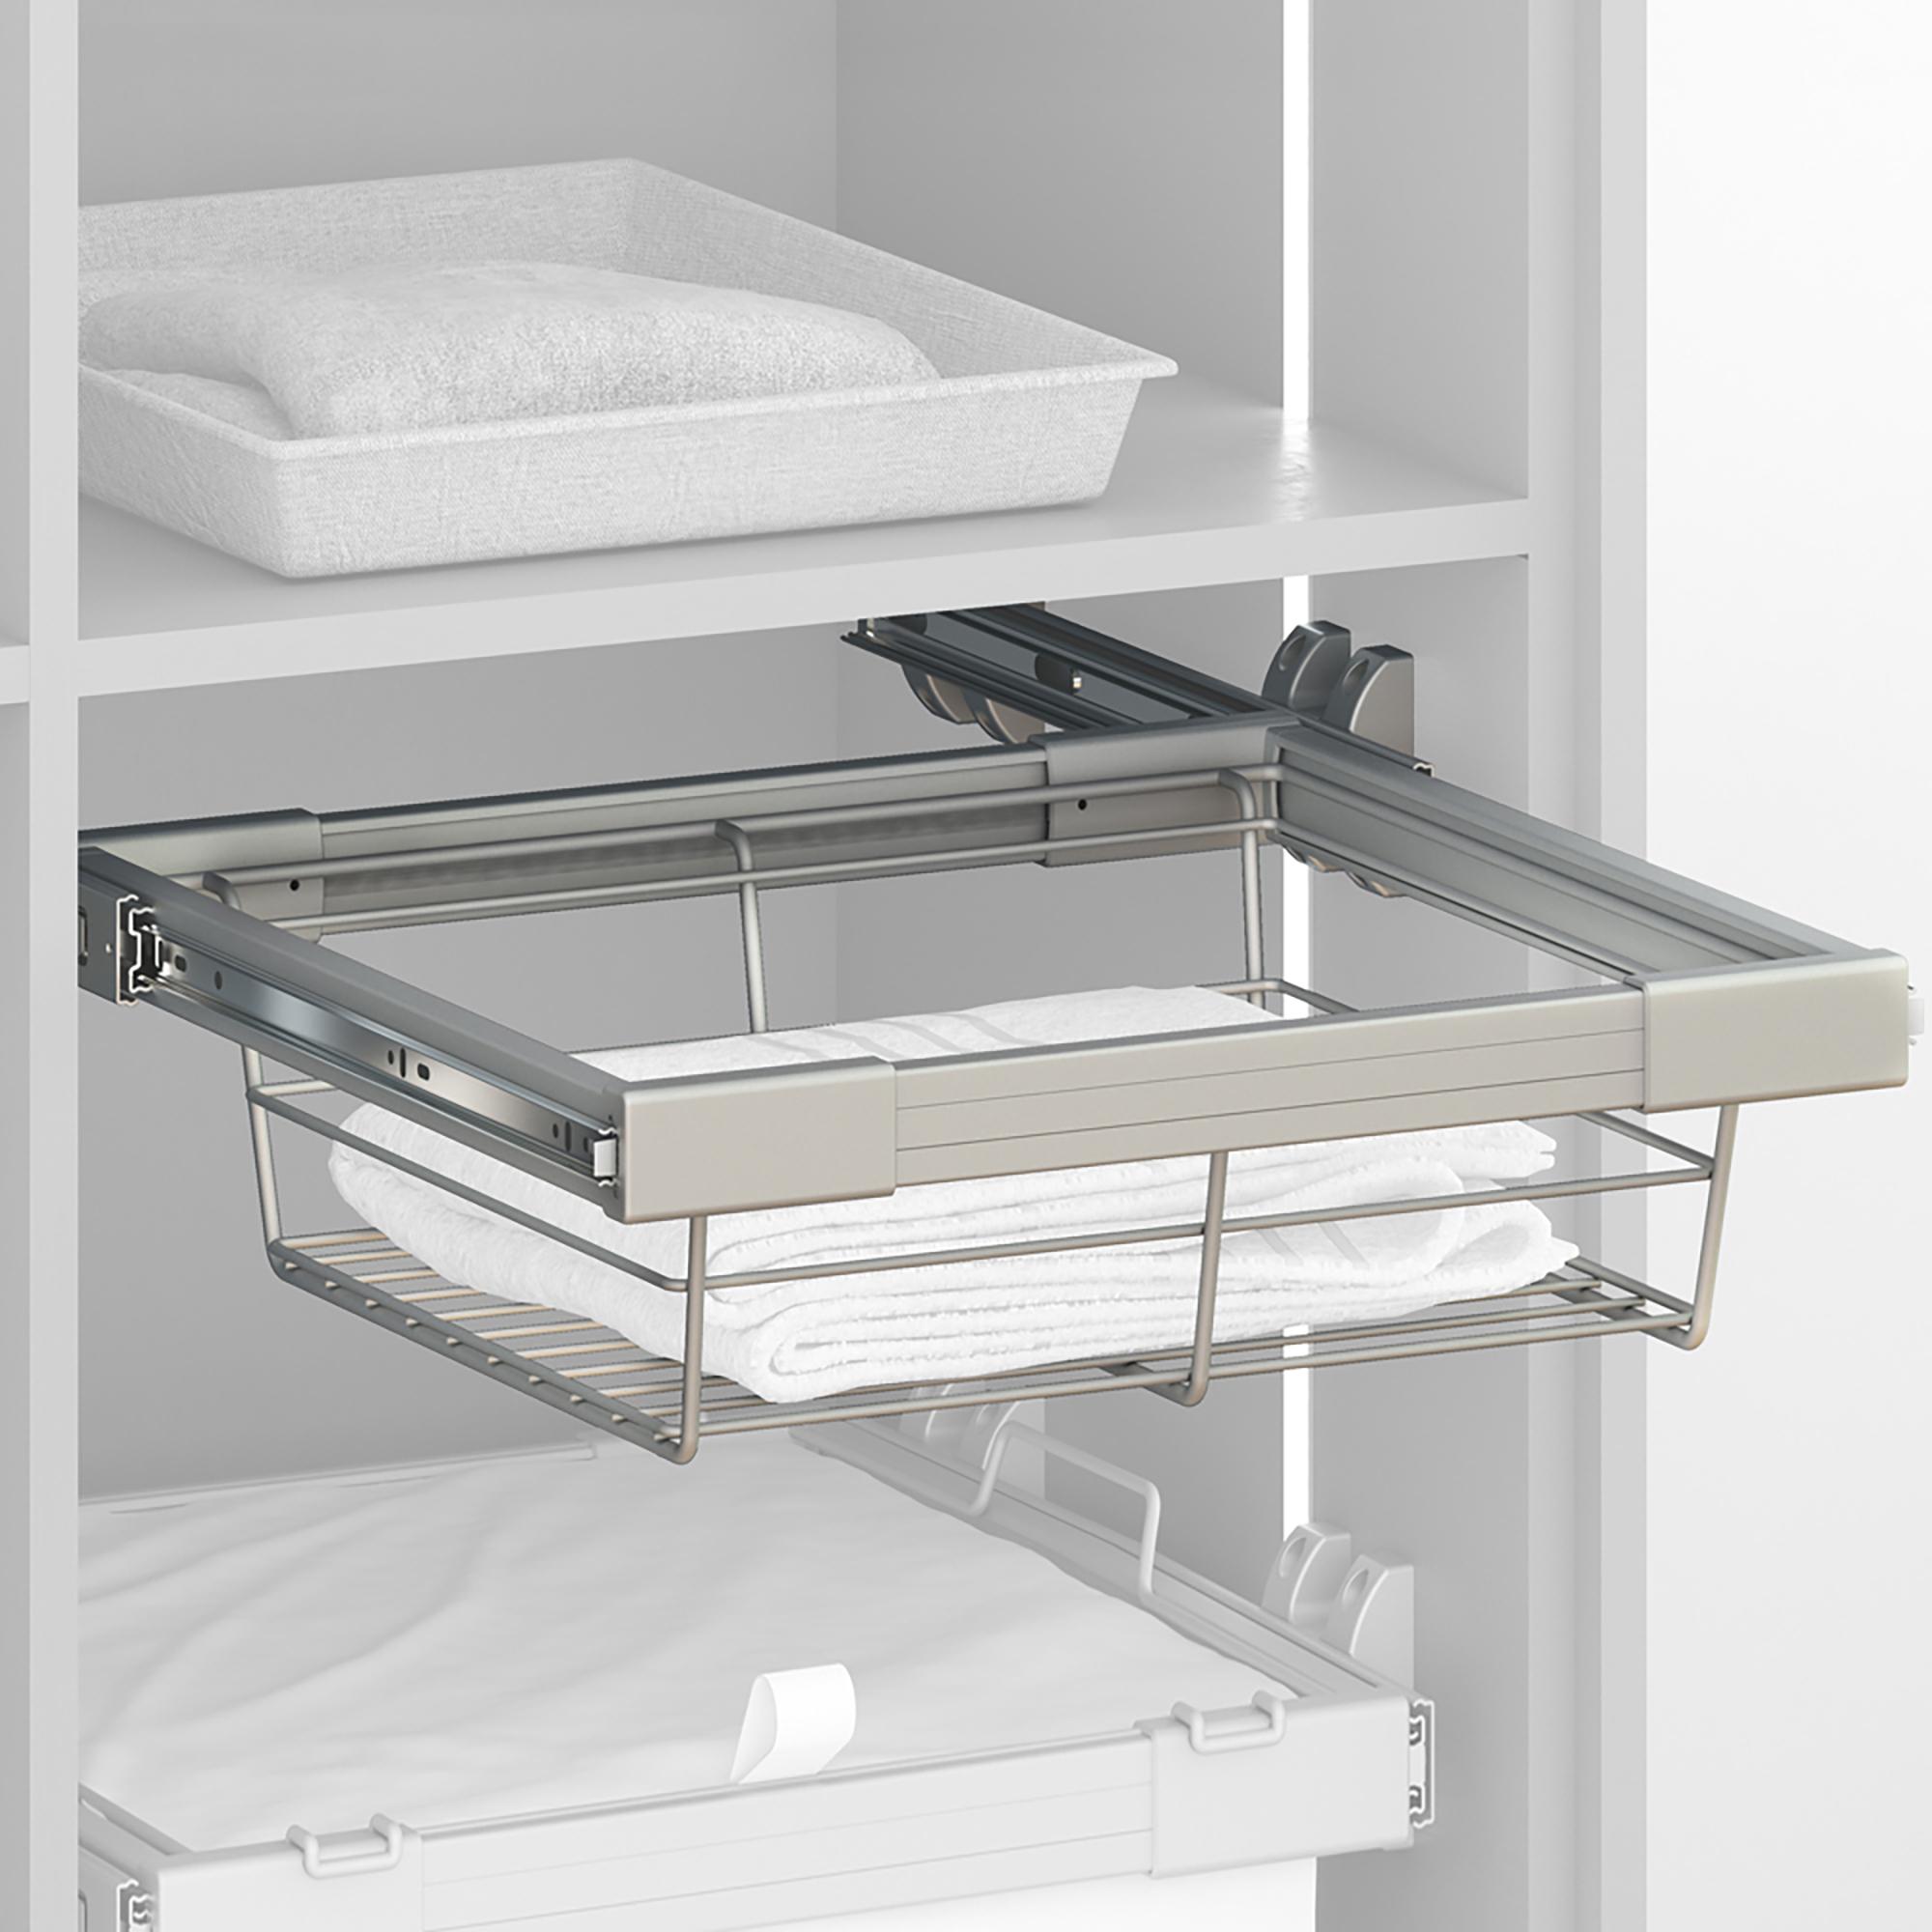 Emuca Kit Cassetto metallico con guide, regolabile, modulo di 600 mm, Acciaio e alluminio, Grigio metallizzato